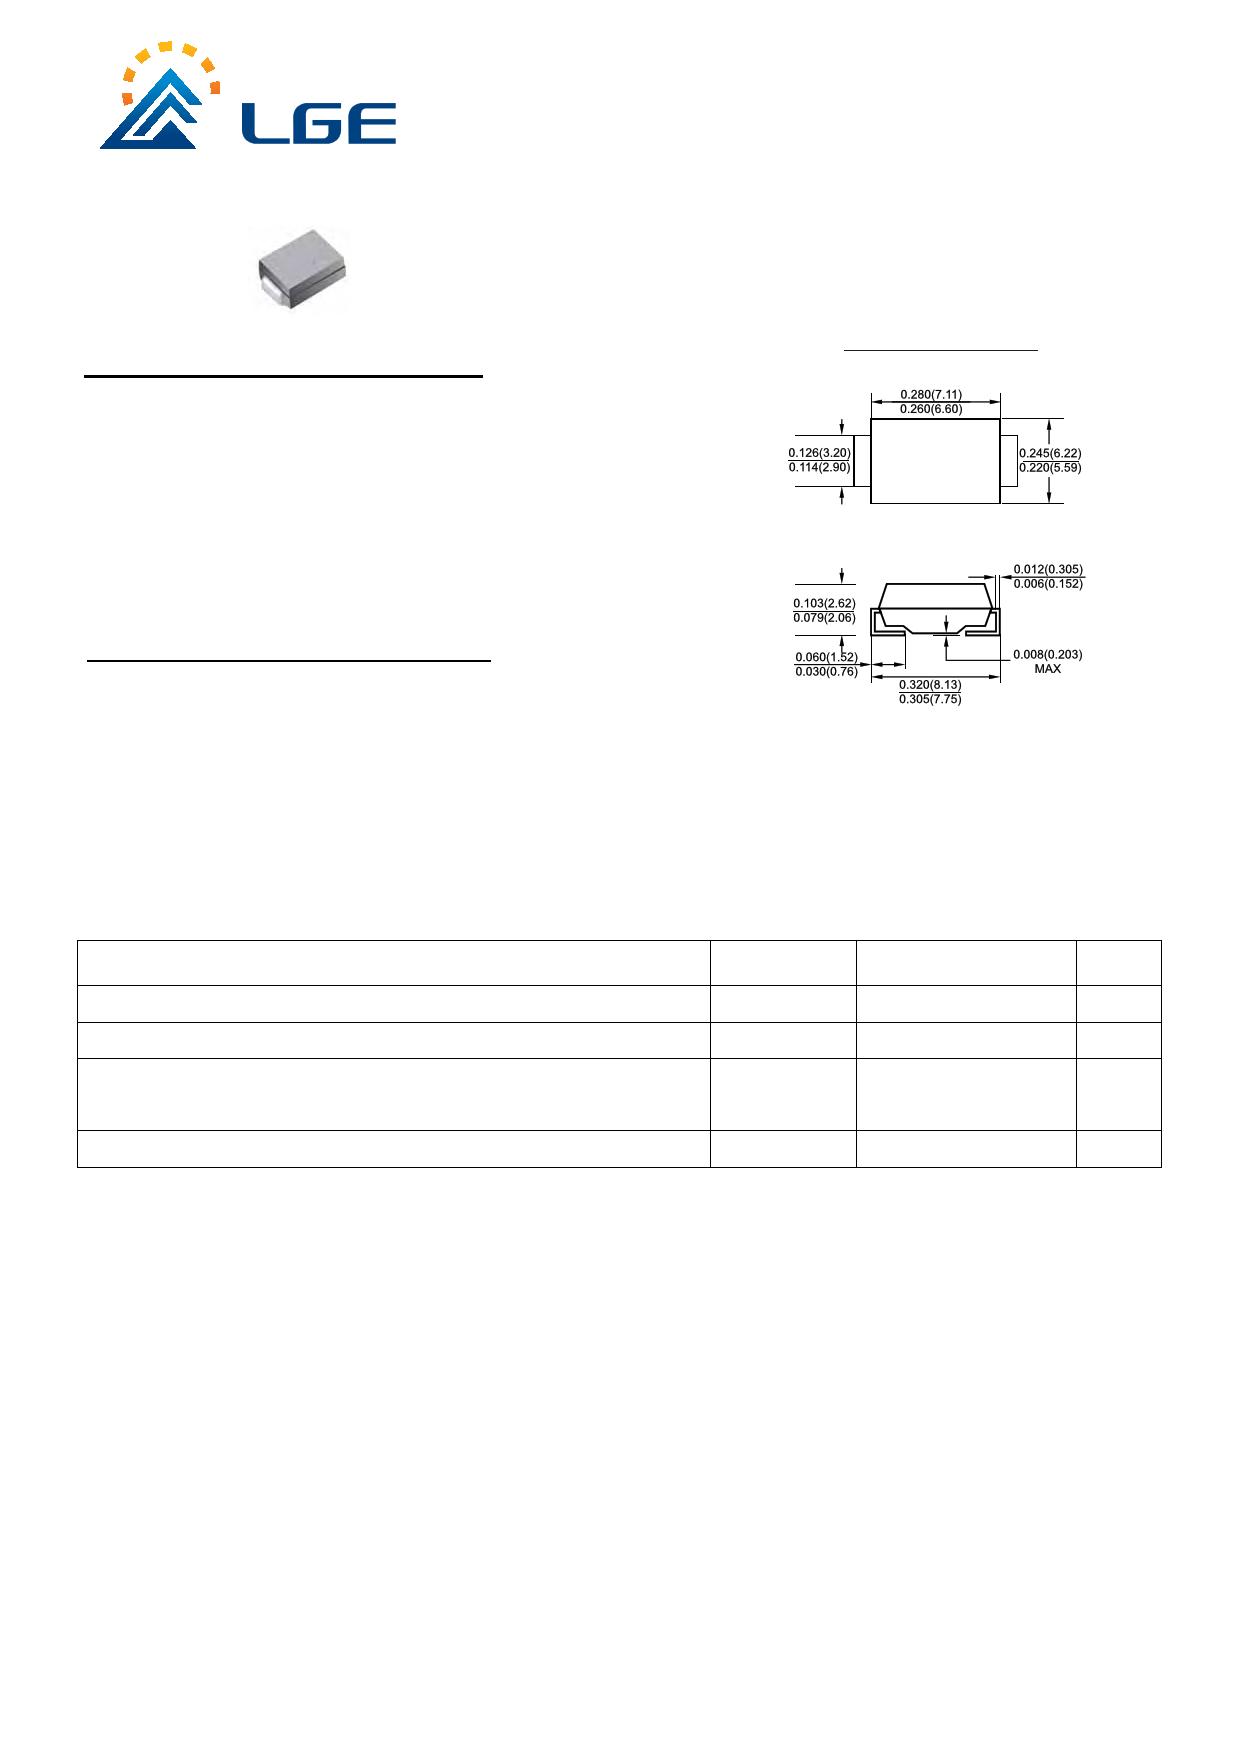 3.0SMCJ190C Datasheet, 3.0SMCJ190C PDF,ピン配置, 機能